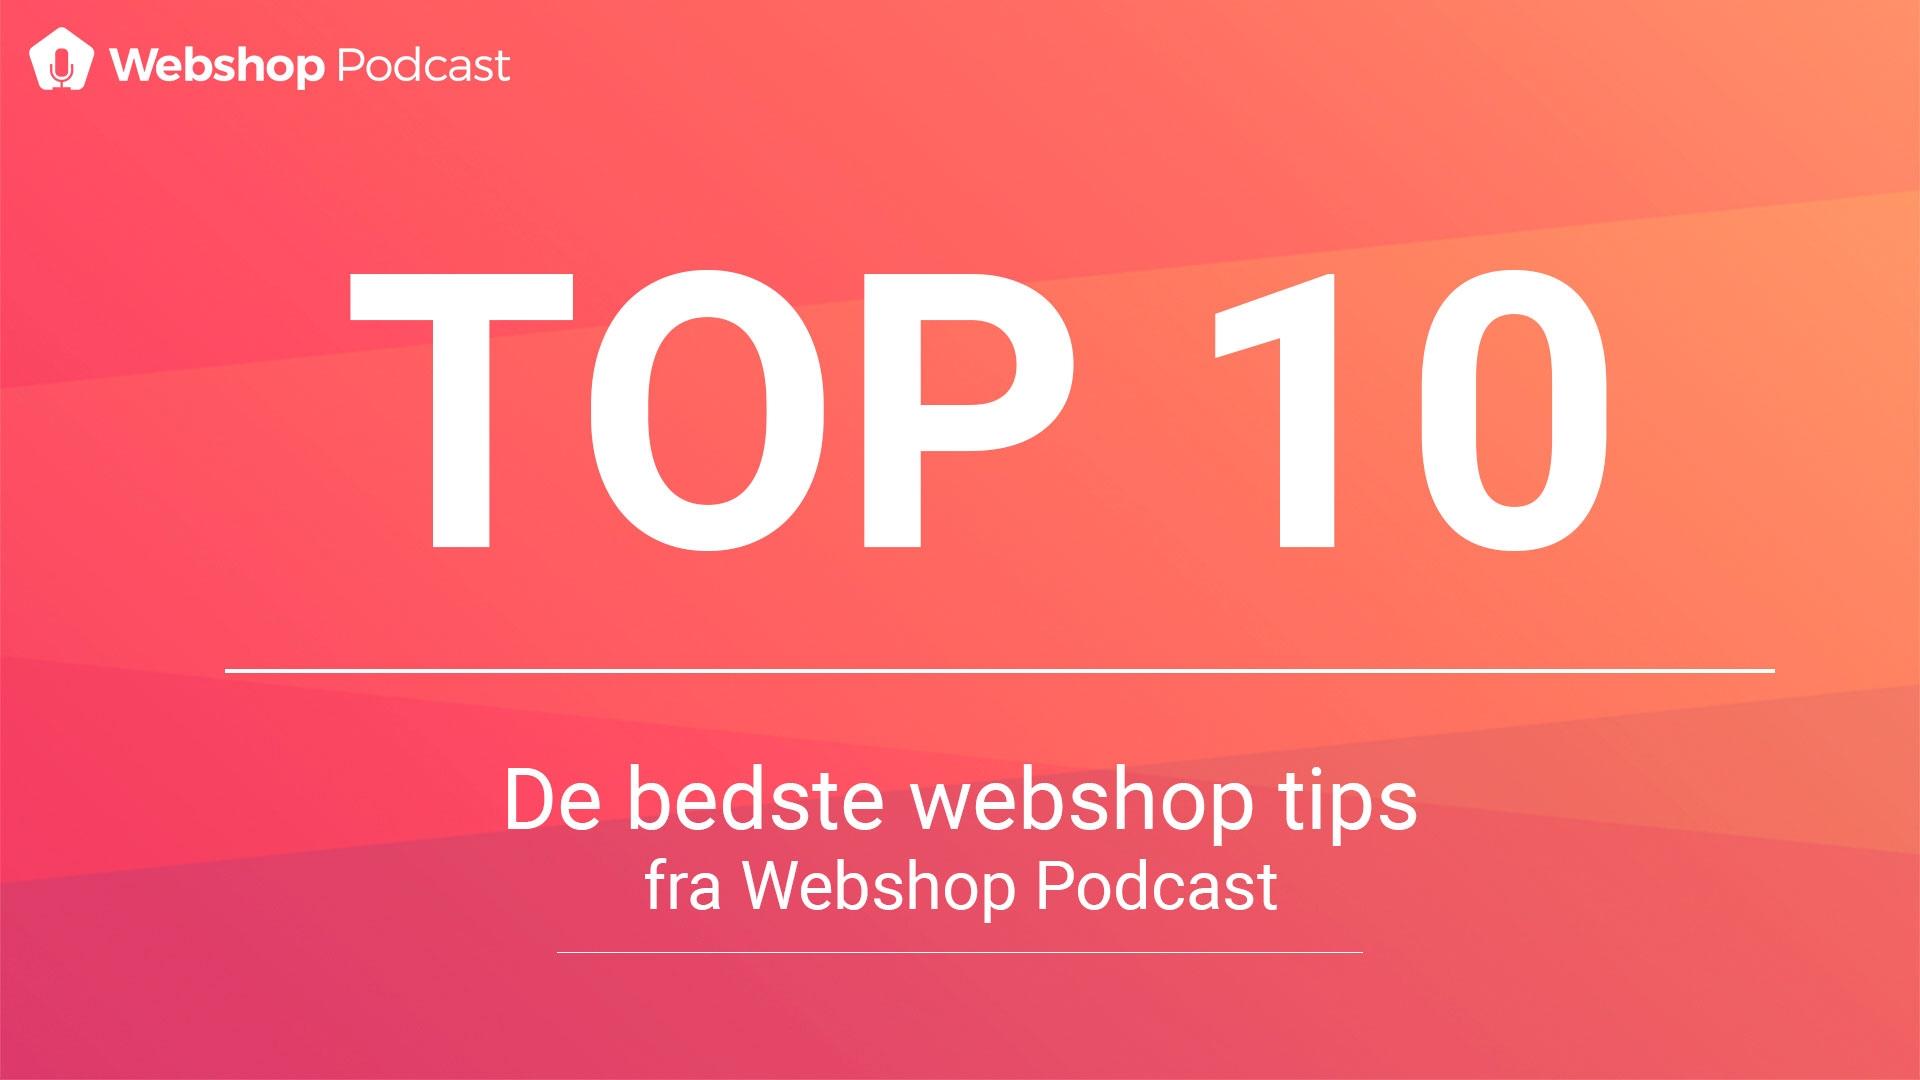 TOP 10: DE BEDSTE WEBSHOP TIPS